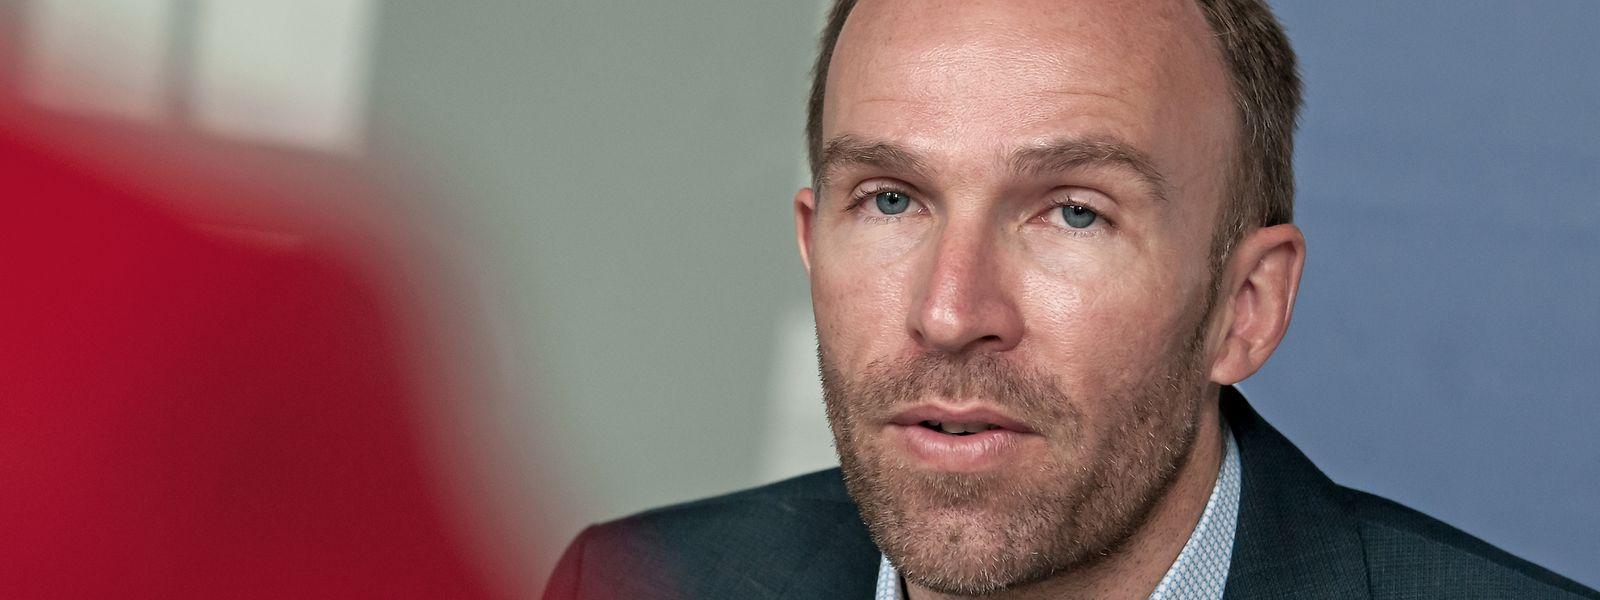 Le directeur de la SNHBM, Guy Entringer, a encore comme objectif la réalisation d'environ 250 logements répartis dans neuf immeubles au Kirchberg pour les années à venir.